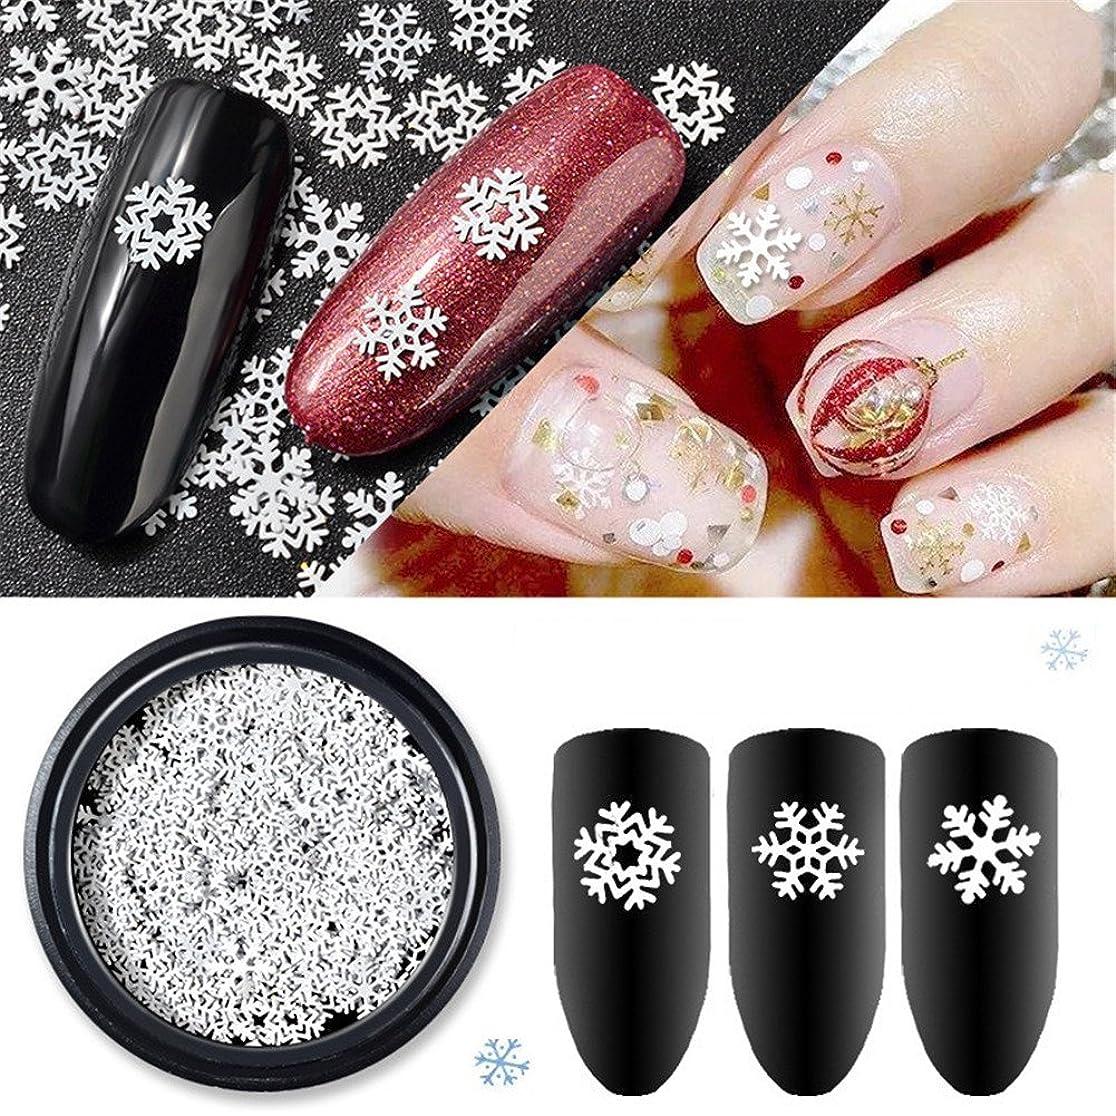 ガウン意図的うつ雪の結晶  冬ネイル 雪花 クリスマス  ネイルパーツネイルデコレーションジェルネイル ネイルアート